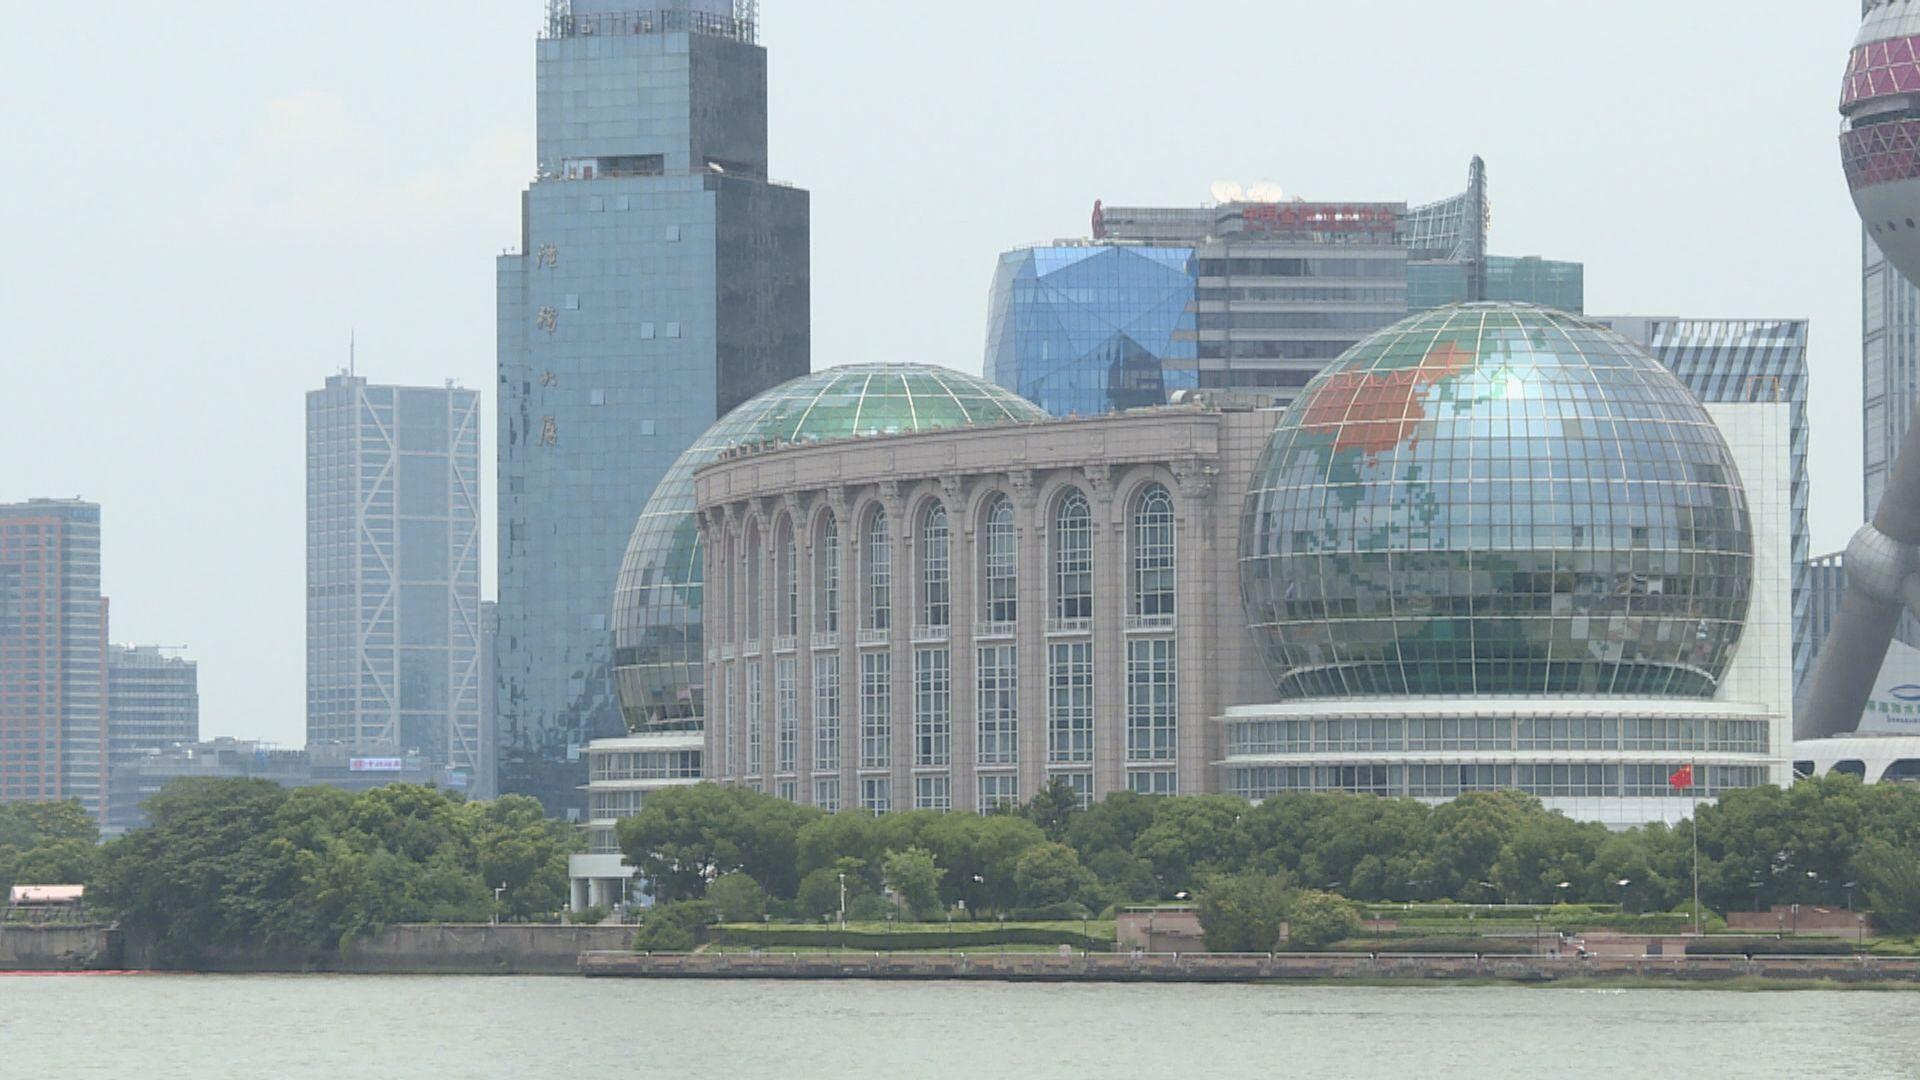 【因應疫情】上海市政府:當地銀行、證券等機構可提前復工